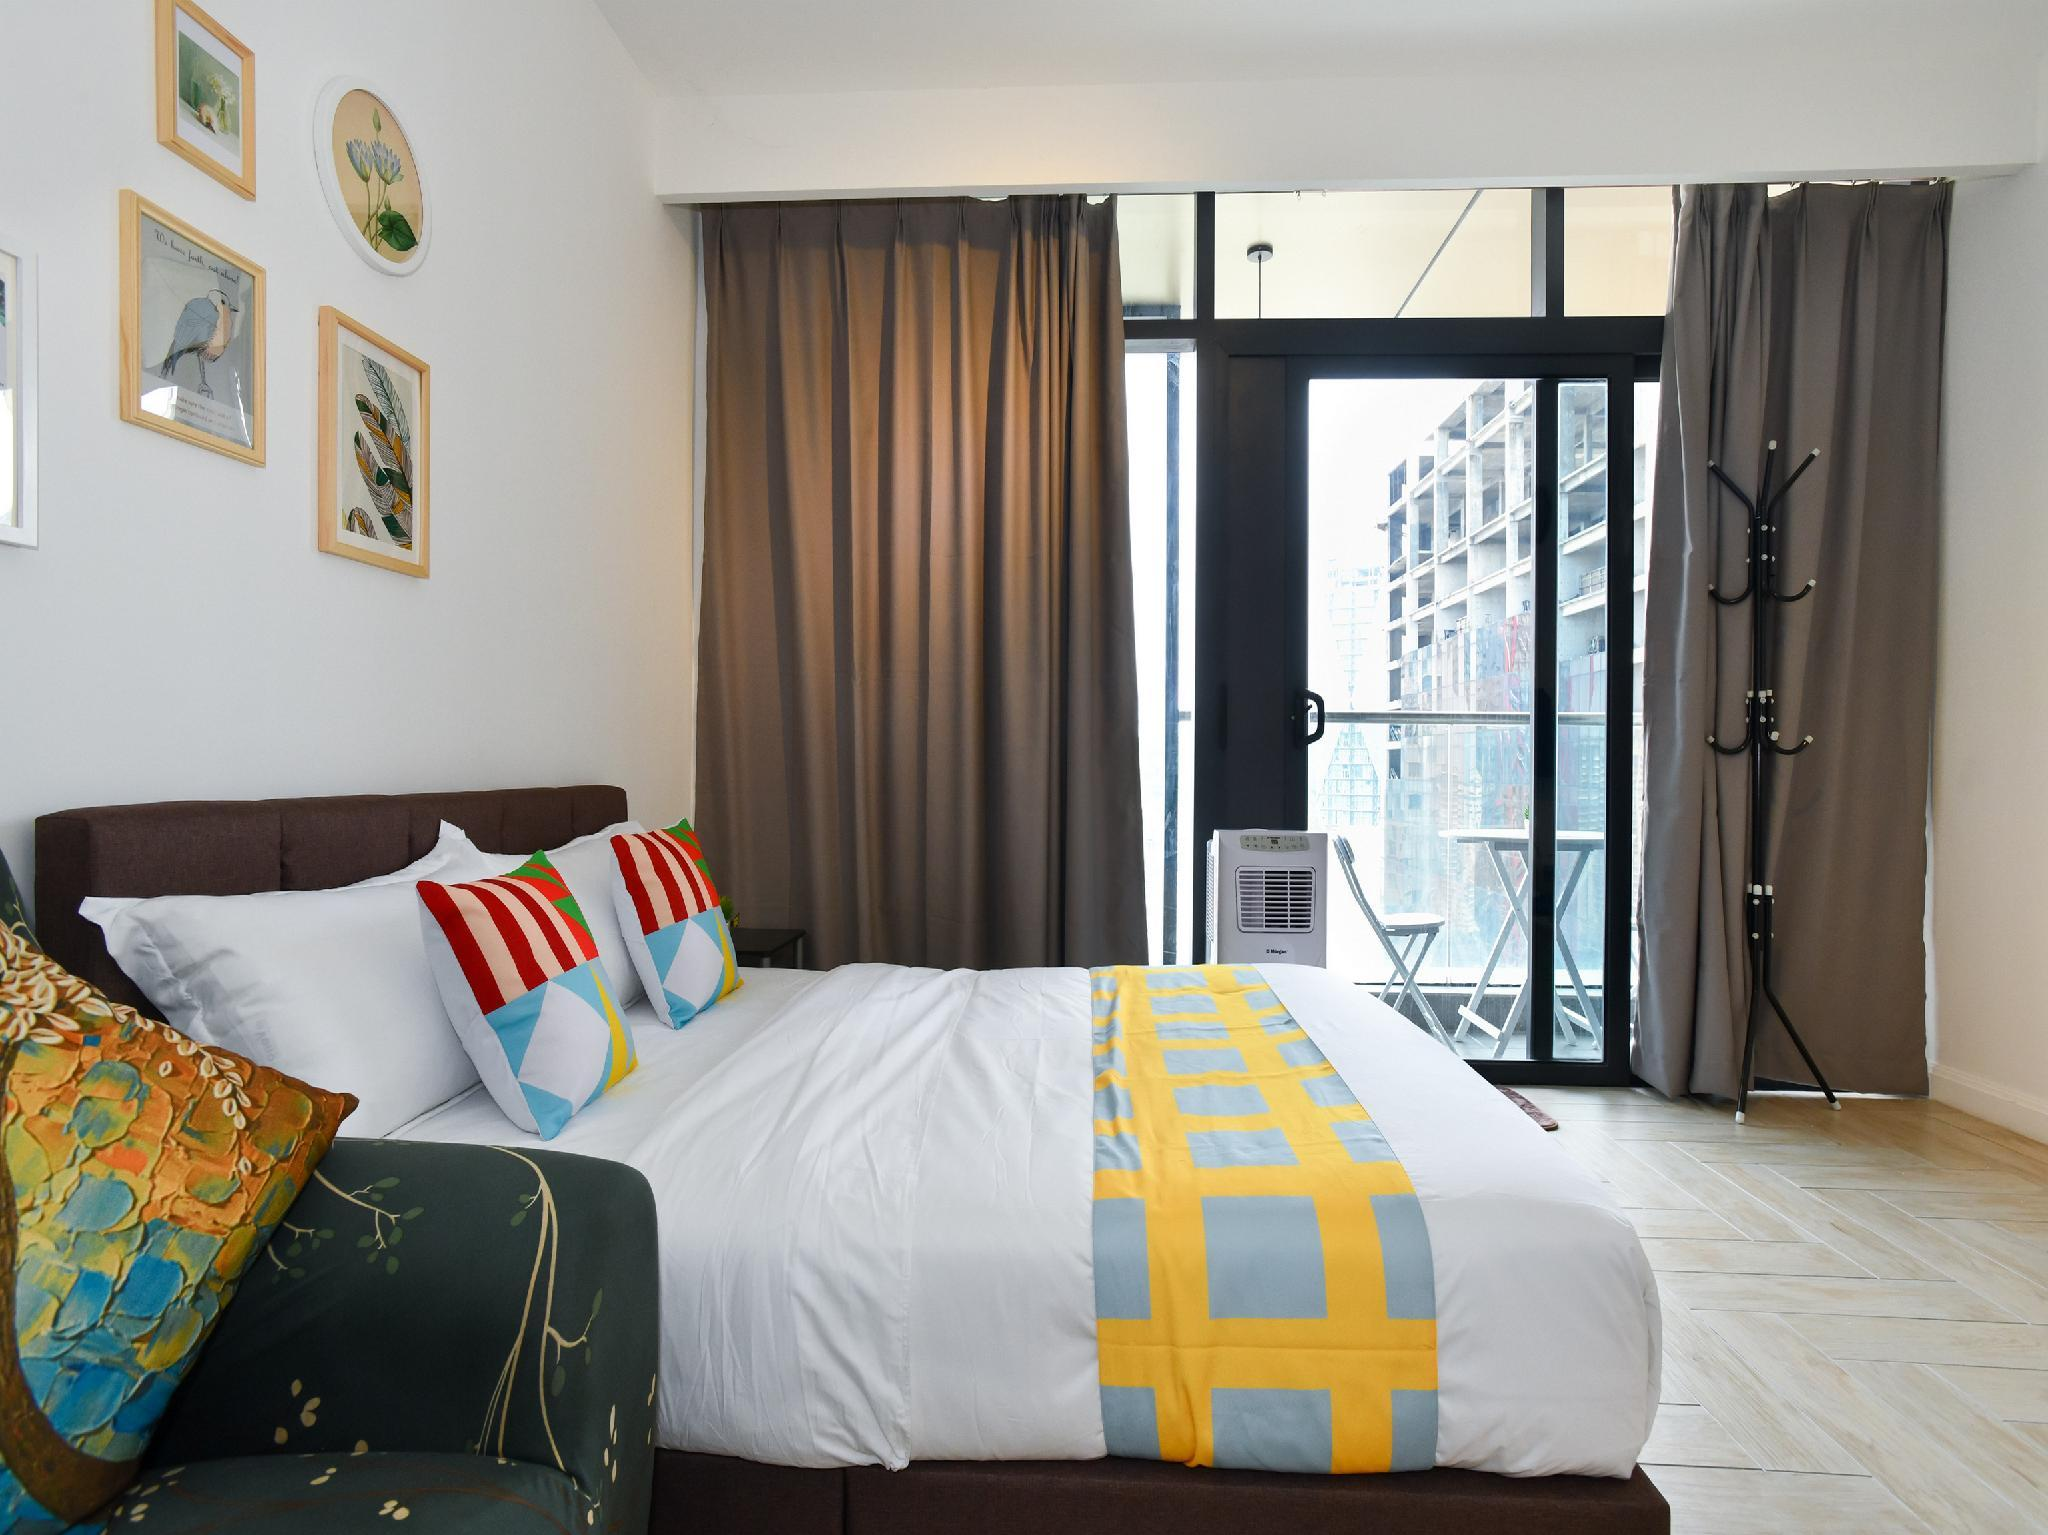 OYO Home 1050 Exclusive 1BR Empire City Marriot